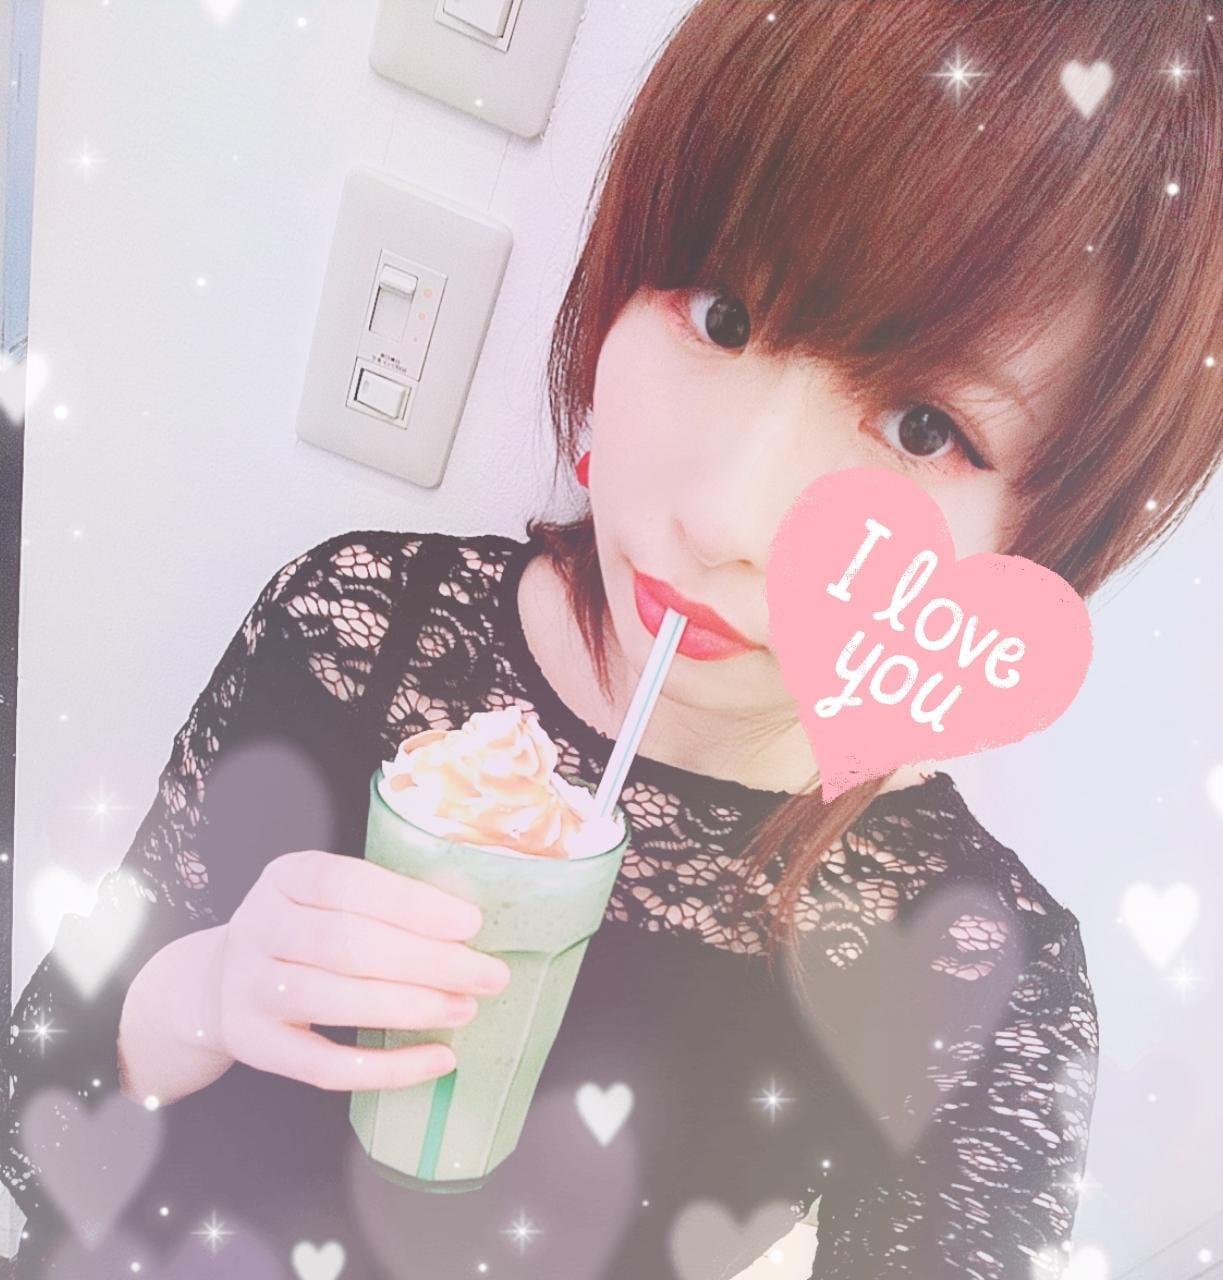 「おにぎり大好き♪」08/14(火) 20:10 | YORIの写メ・風俗動画